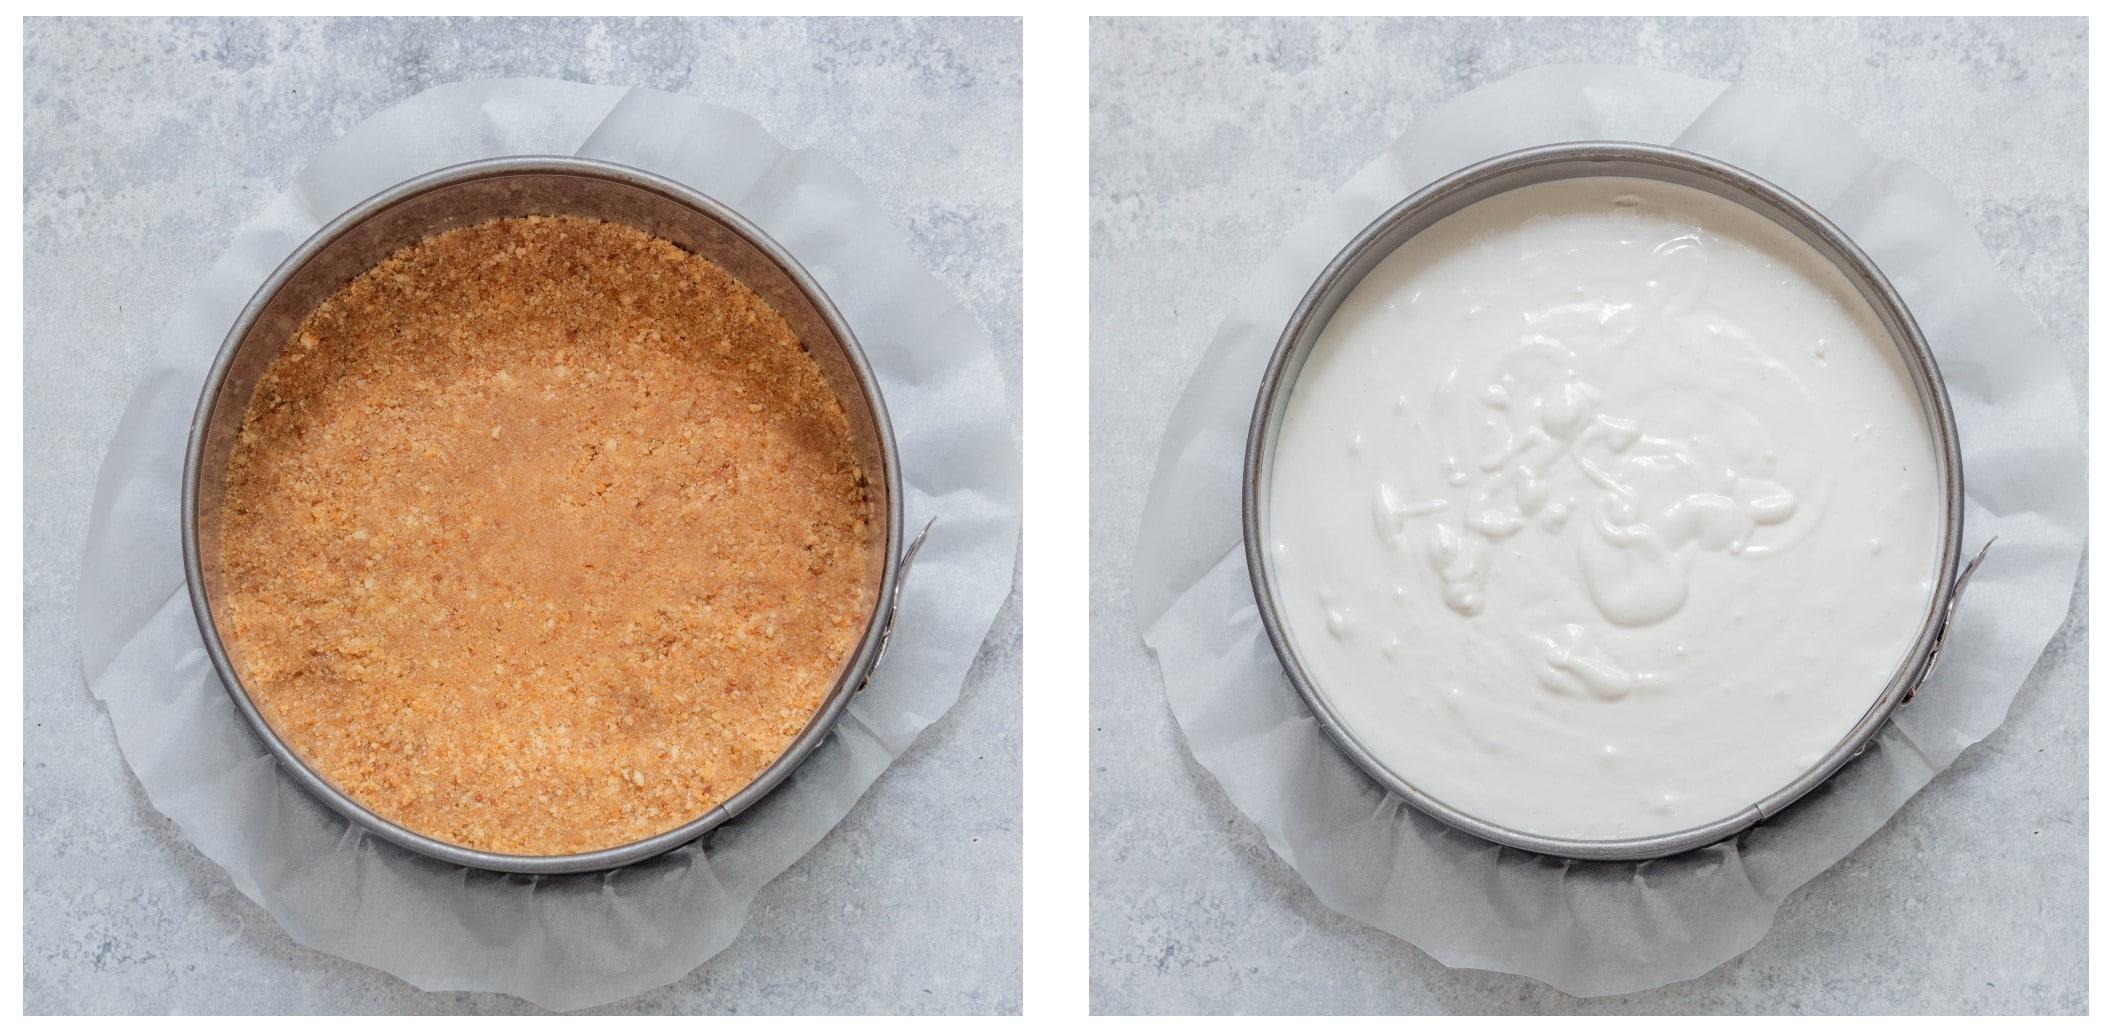 עוגת גבינה טבעונית קרה ללא תוספת סוכר